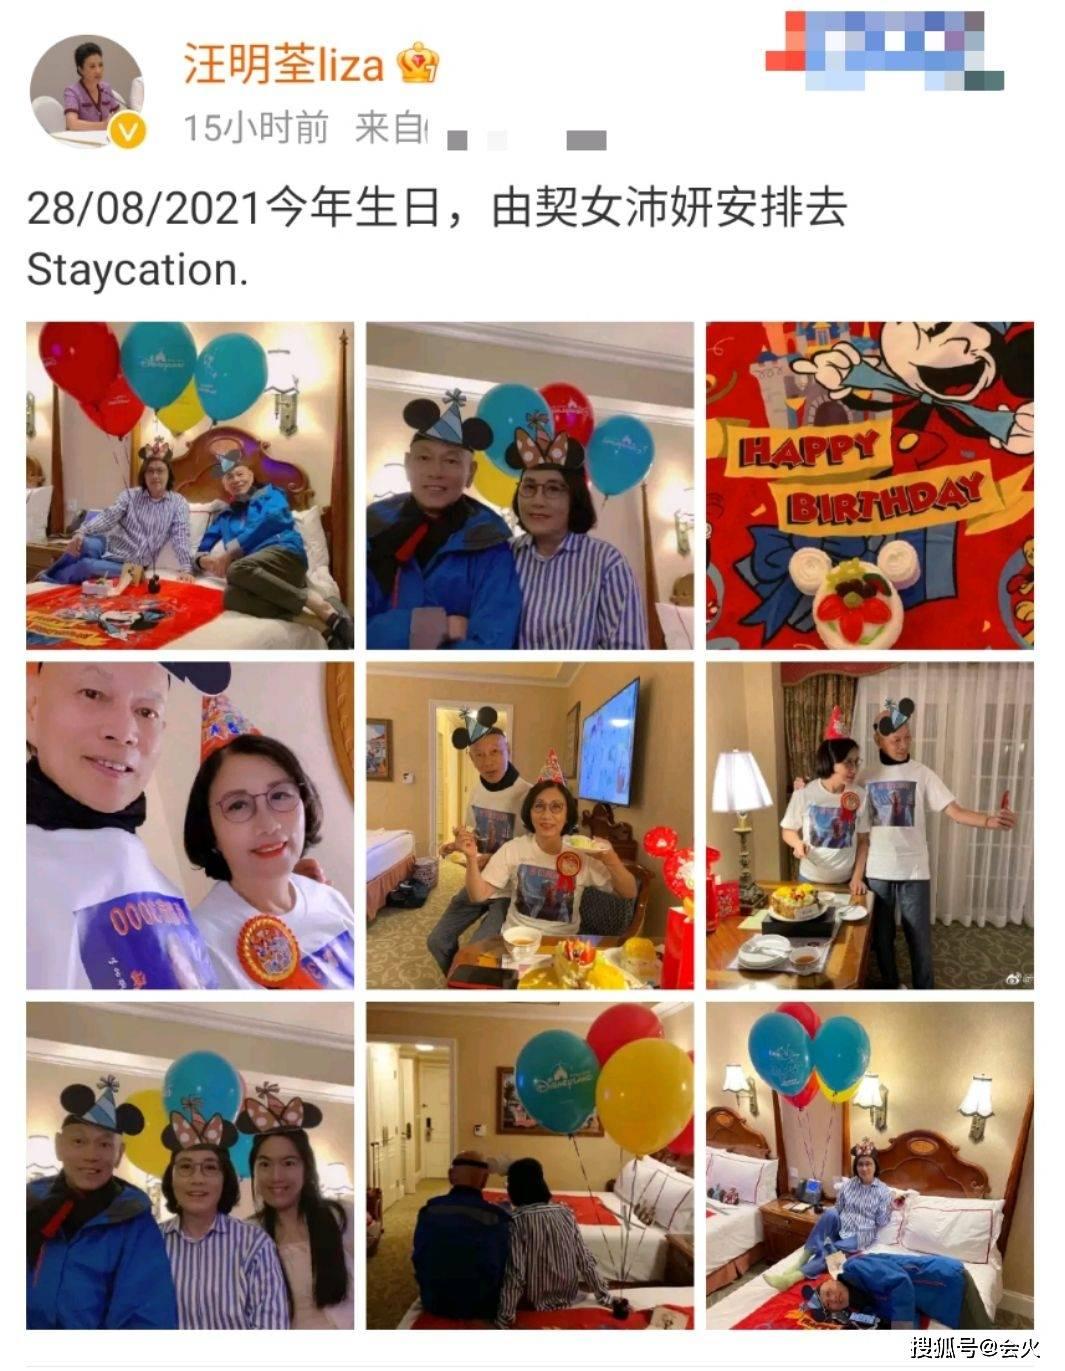 罗家英74岁 出生于汪明荃 穿恋人的衣服超级甜 迪士尼约会有一种仪式感